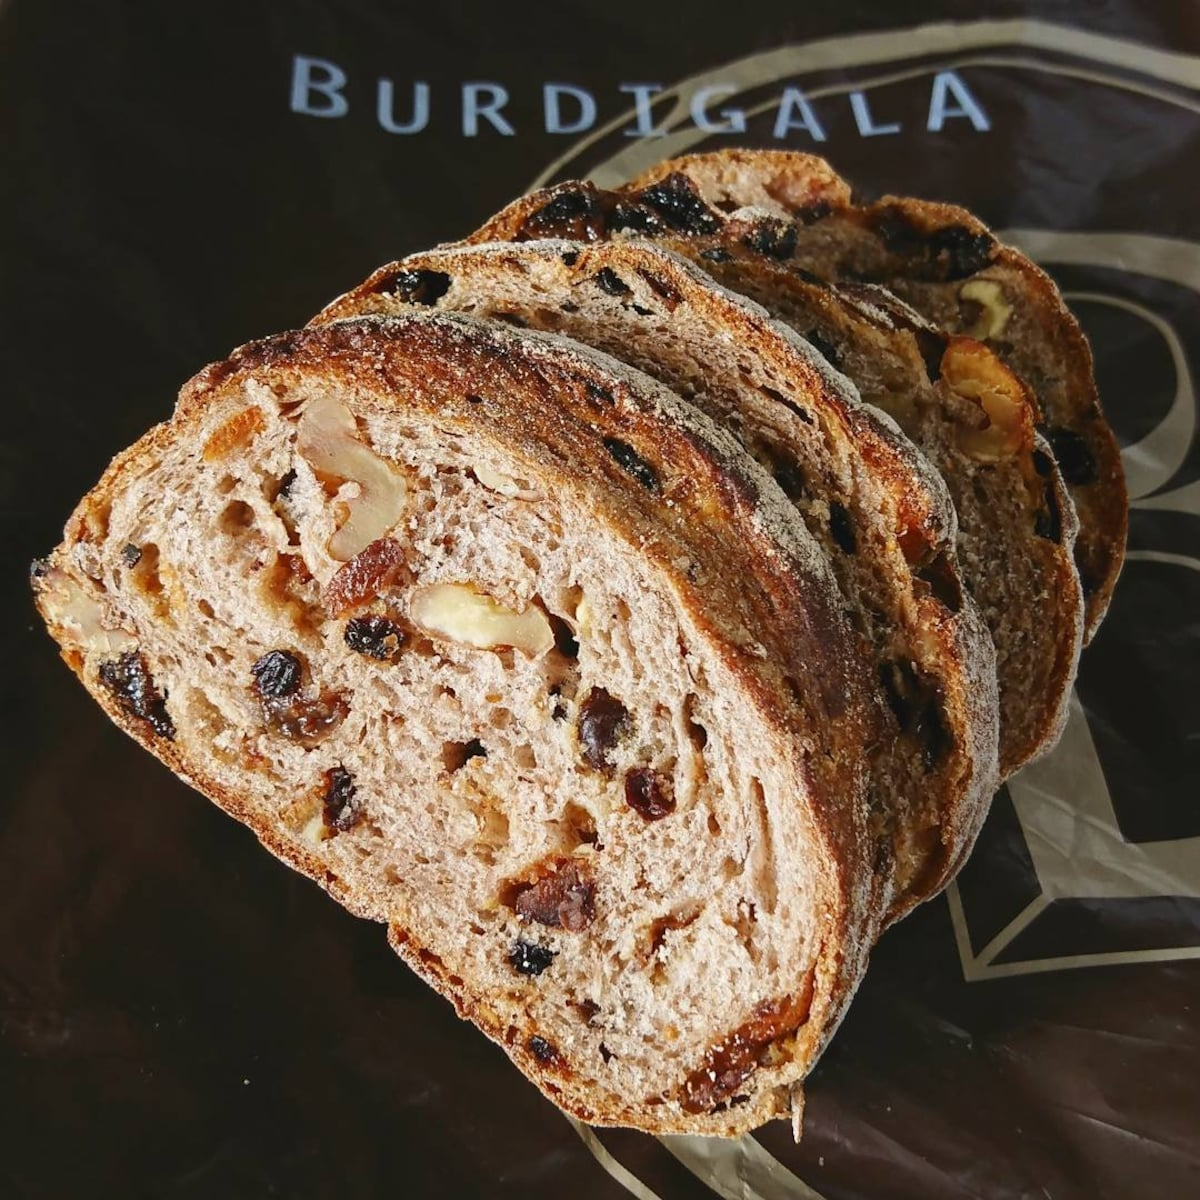 近滿分好評的質感麵包店!BURDIGALA EXPRESS (ブルディガラ エクスプレス スバコ) JR京都伊勢丹店